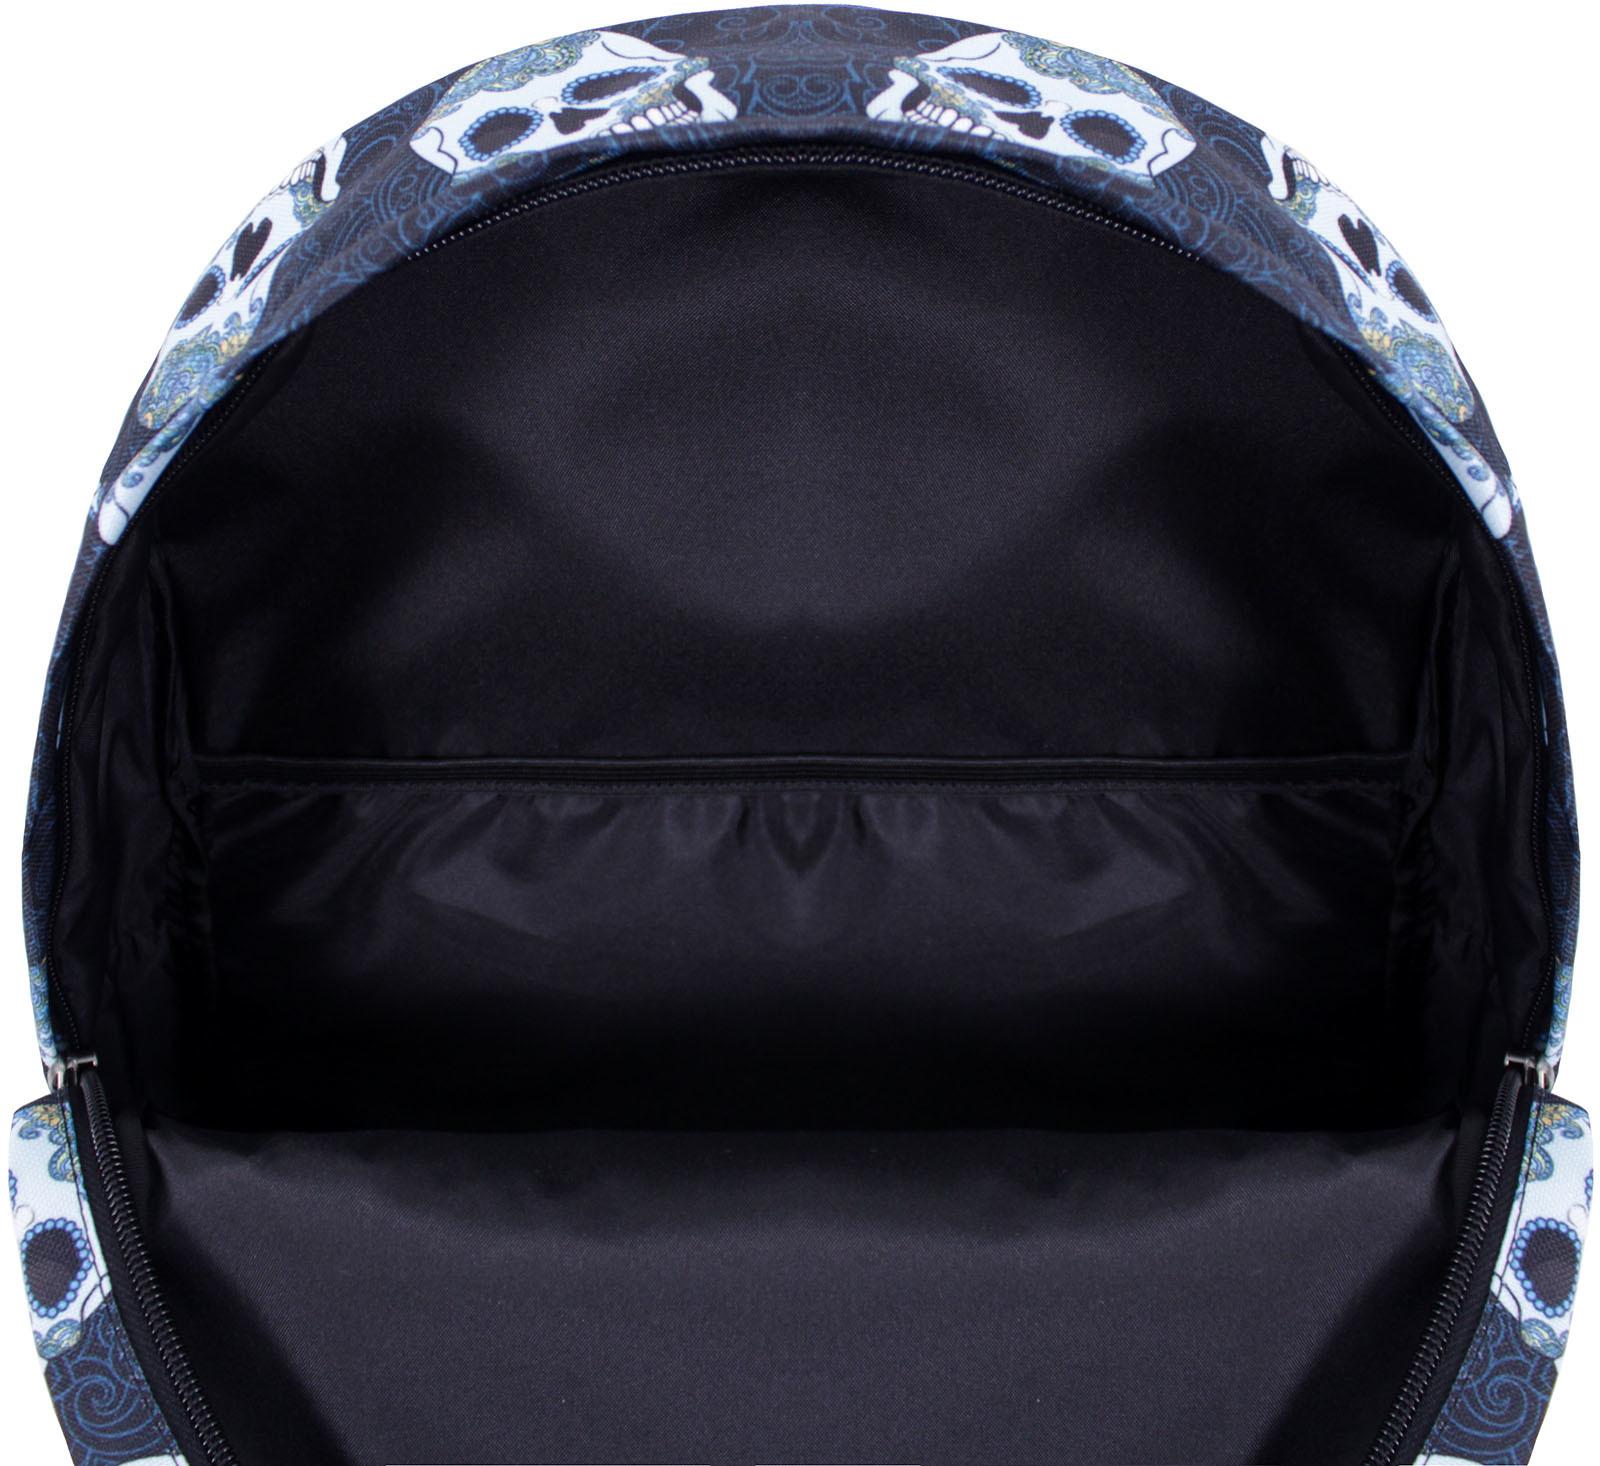 Рюкзак Bagland Молодежный (дизайн) 17 л. сублімація 444 (00533664) фото 4